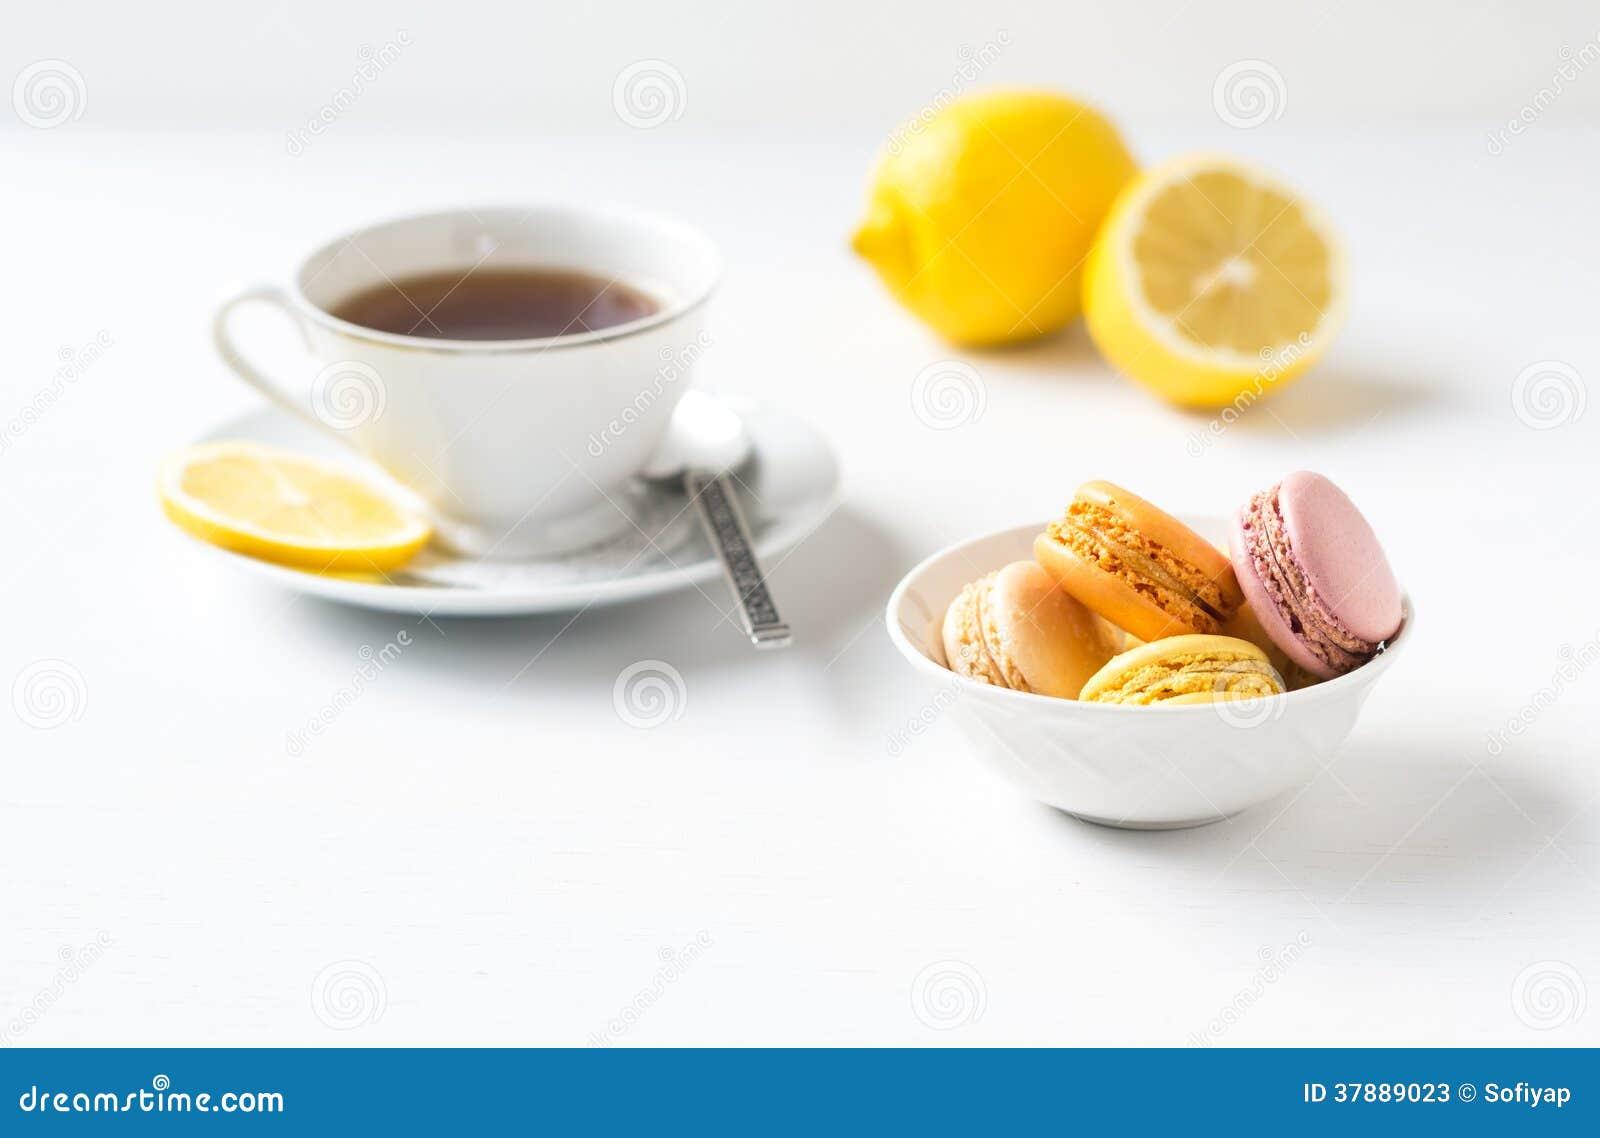 Kleurrijke Franse macarons met kop thee.